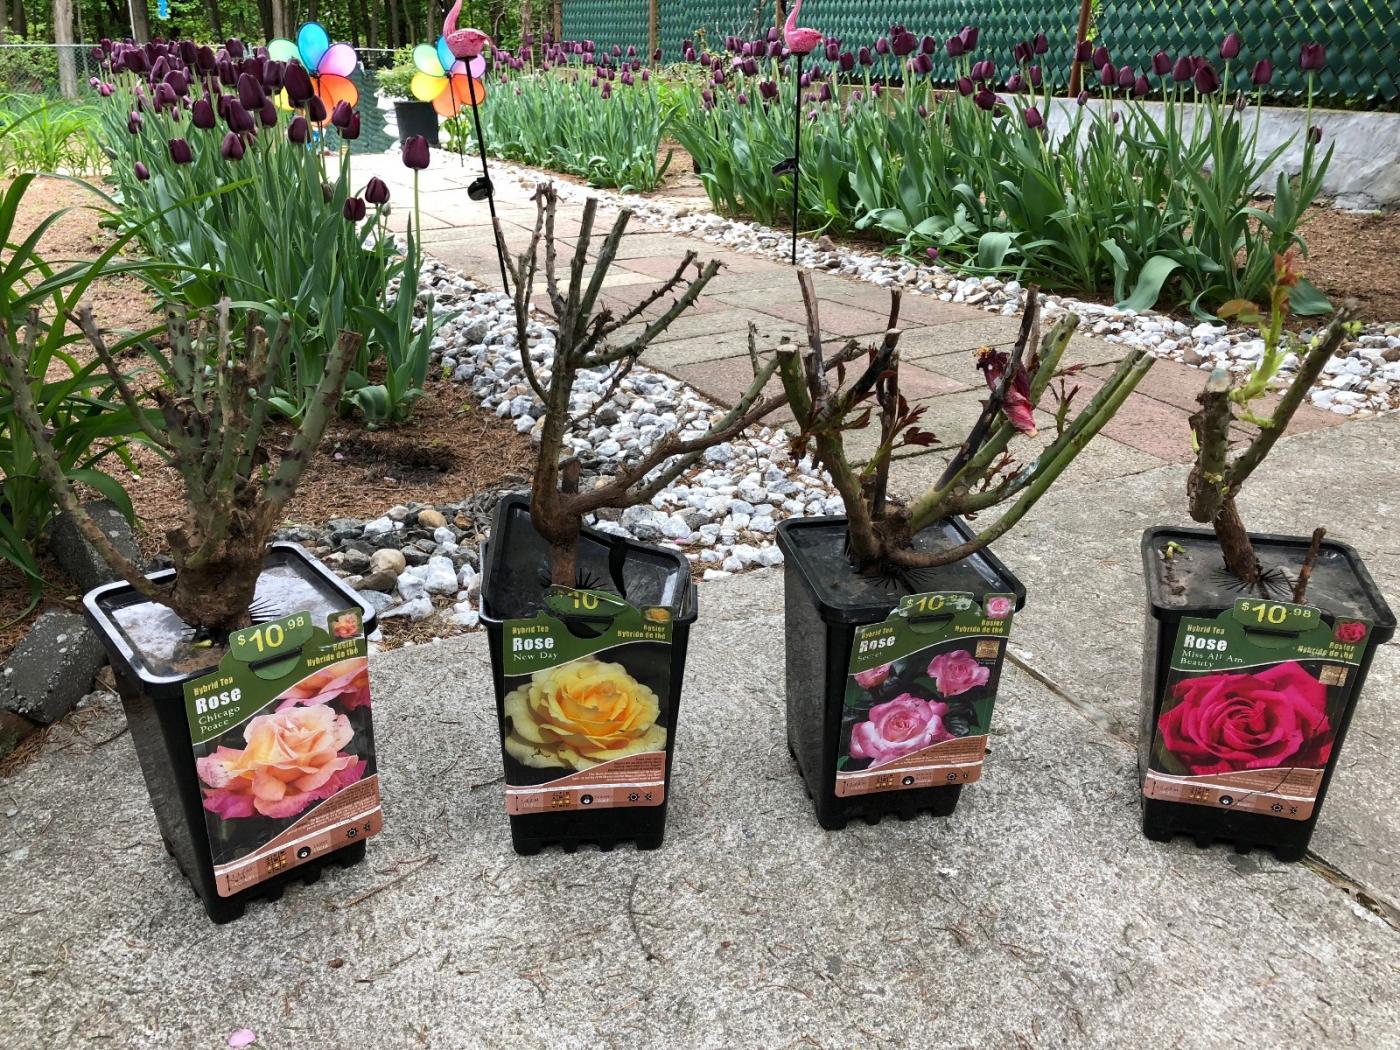 【田螺隨拍】分享去THE HOME DEPOT紅地鋪買花的經驗_圖1-13